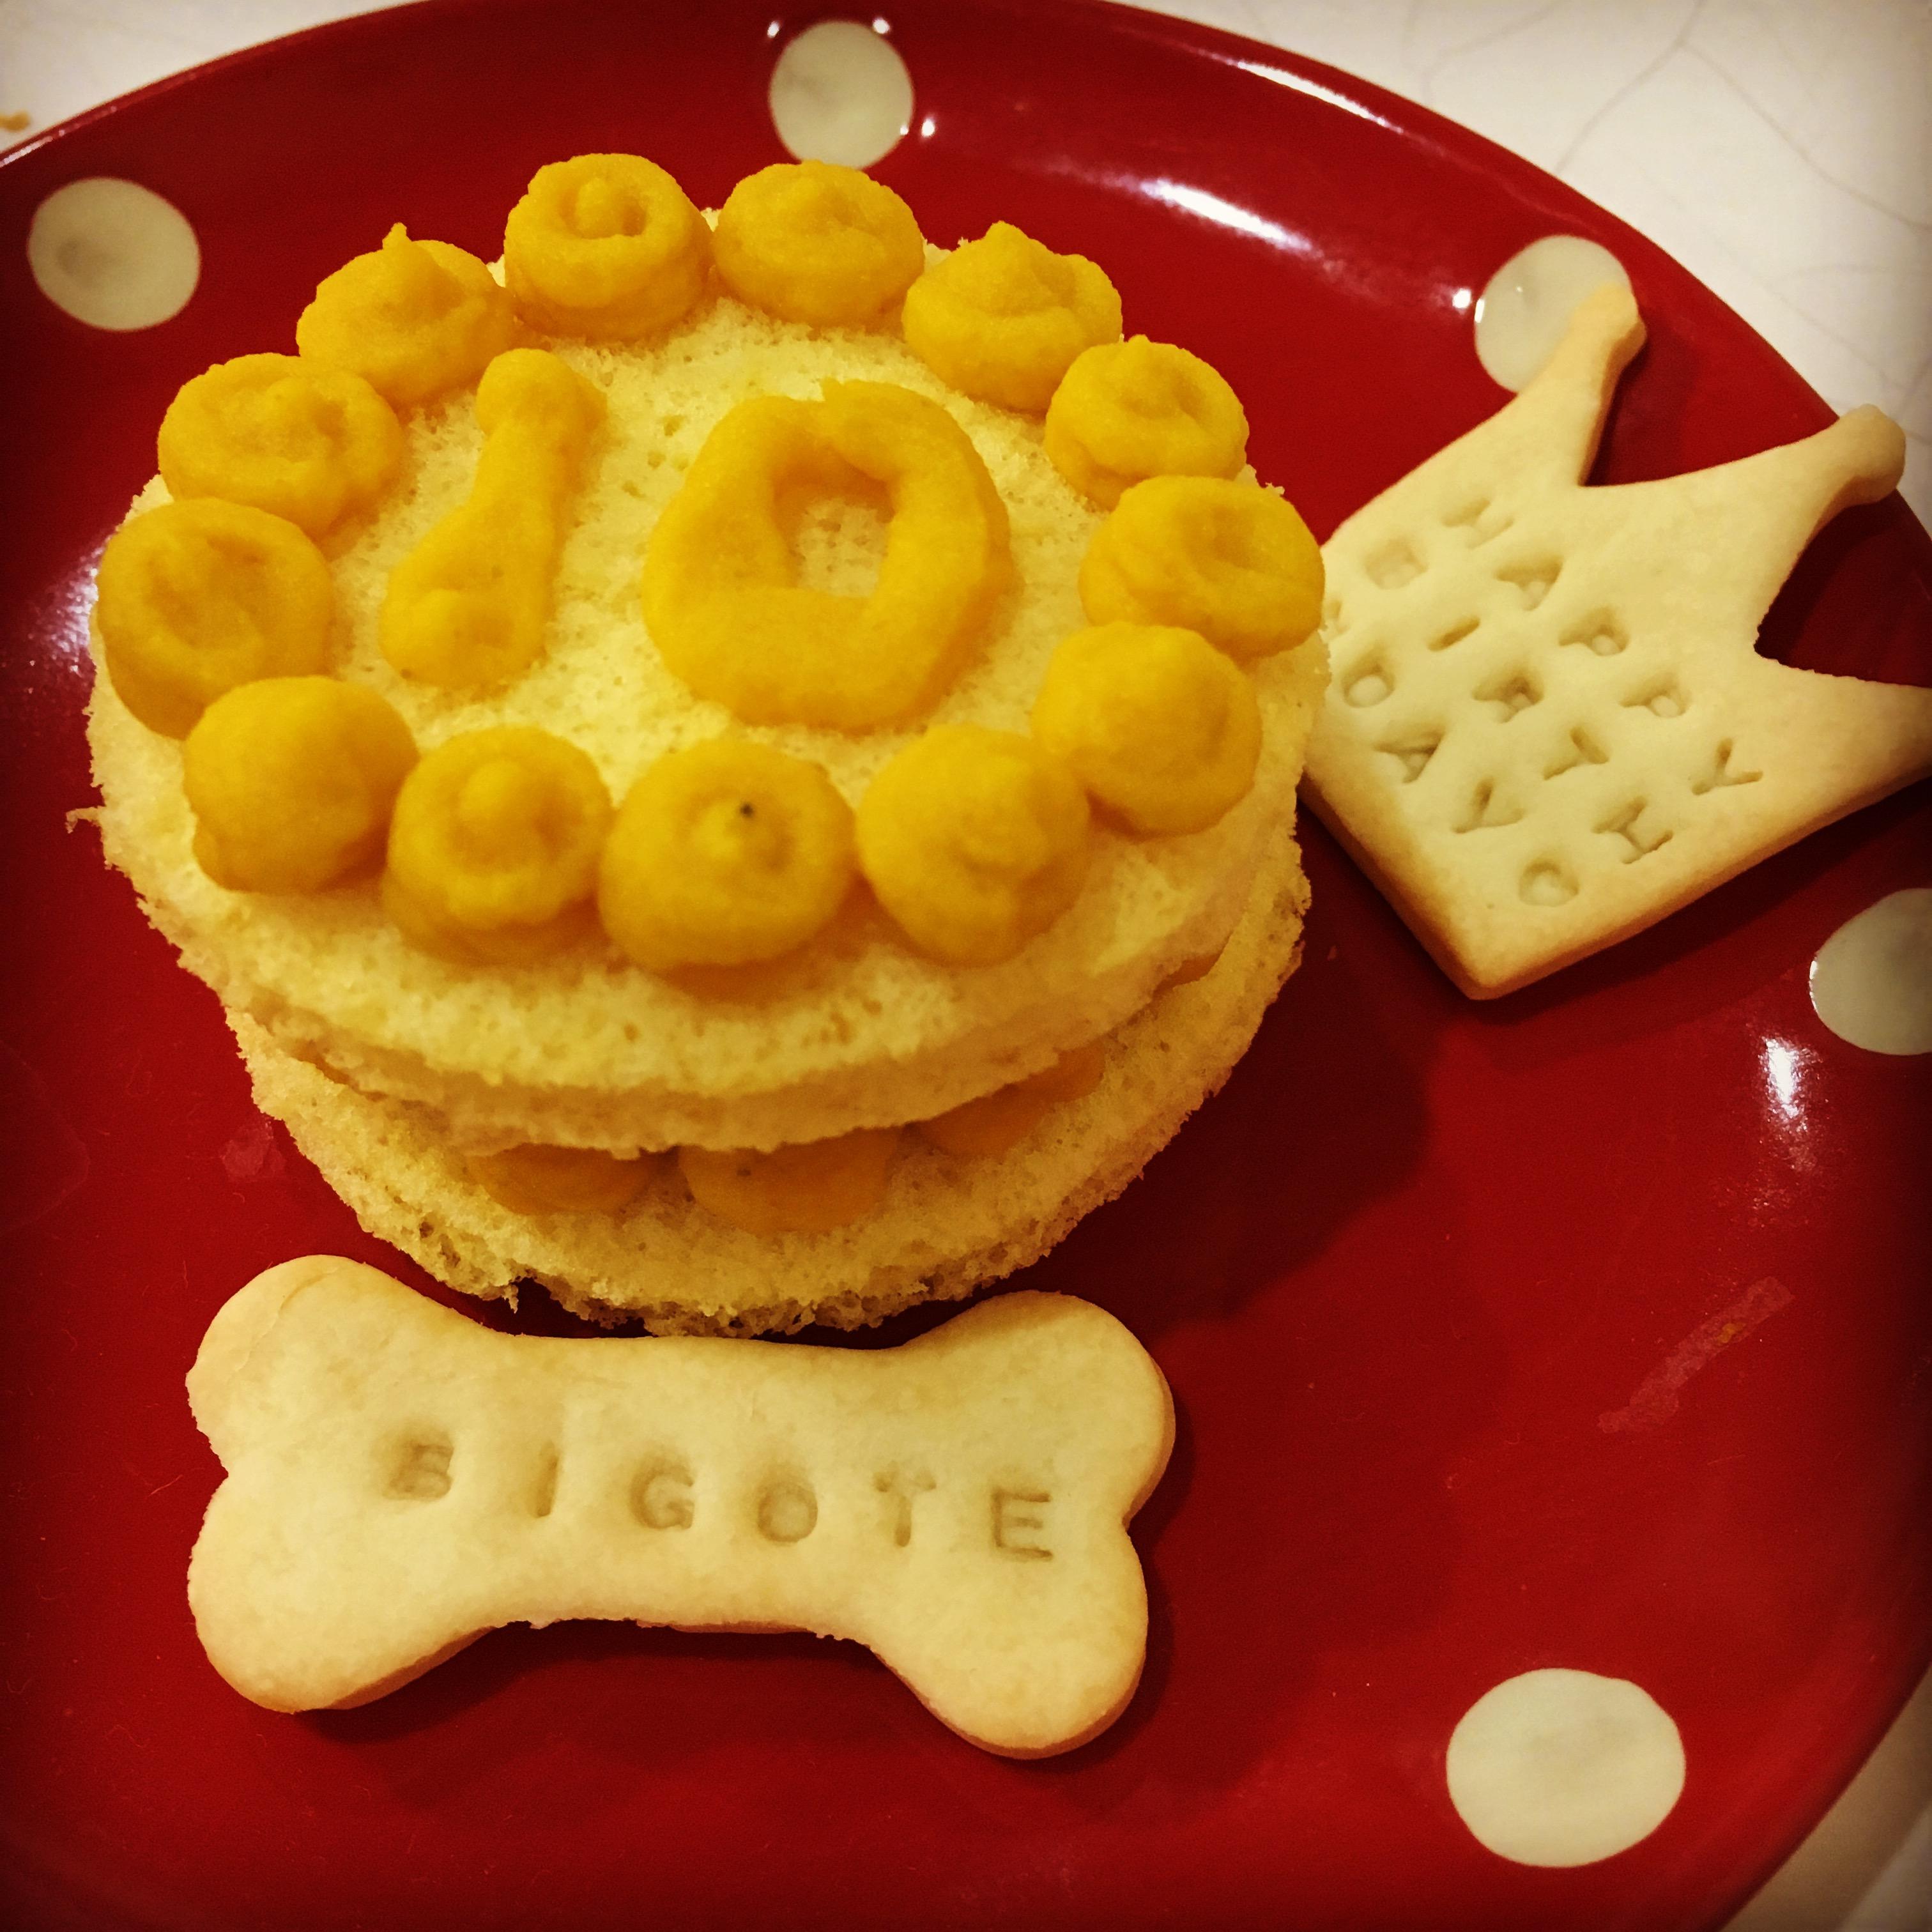 かぼちゃのミニ2段ケーキ(直径6cm) ※誕生日ケーキ もっと大きいものも作れます